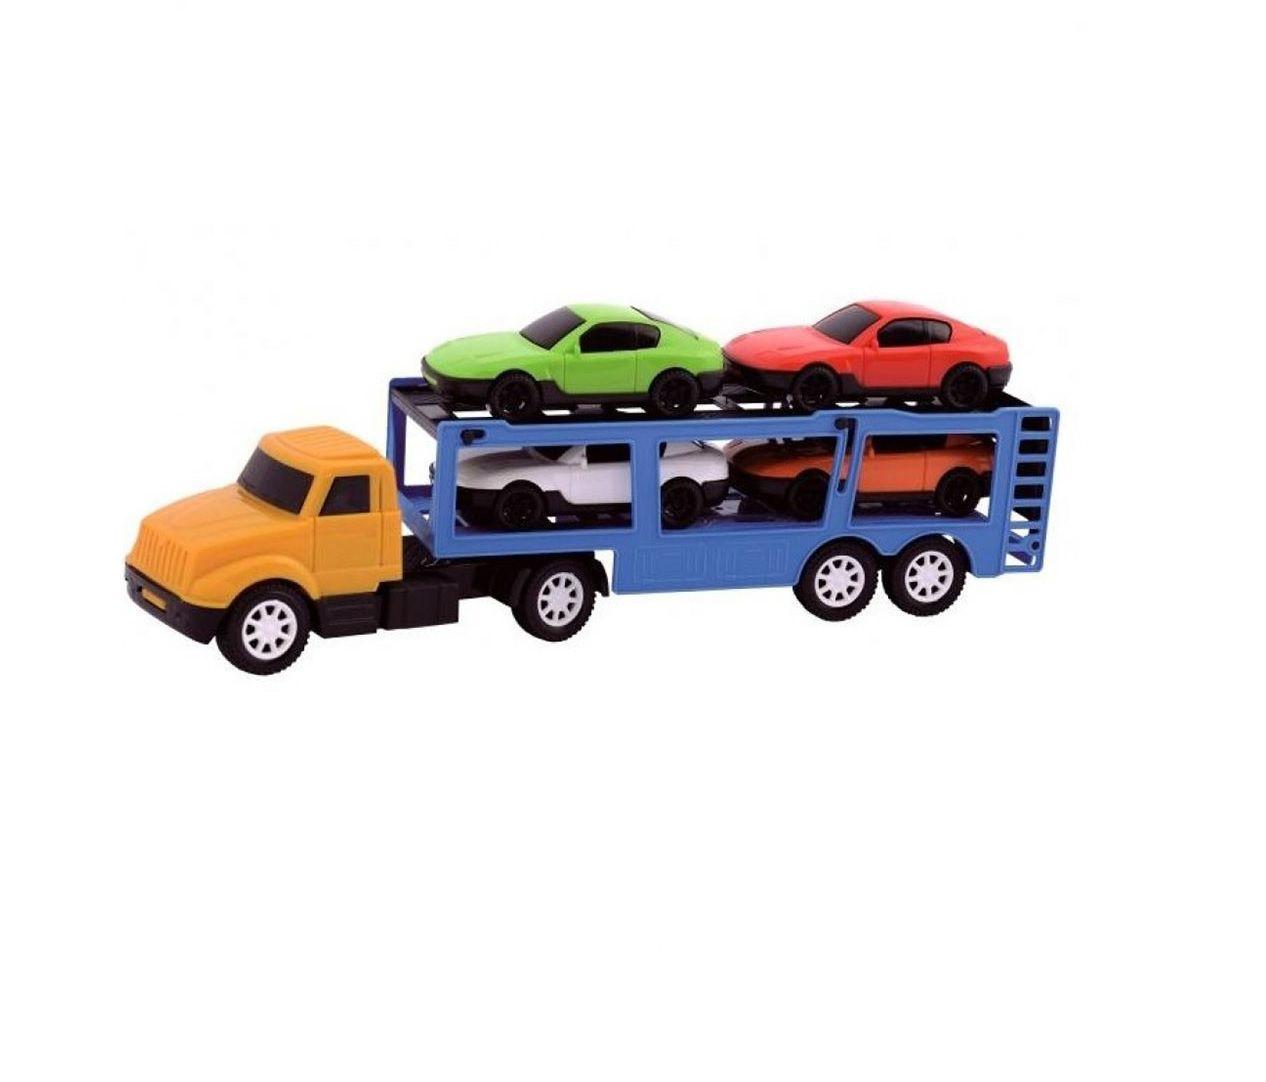 Caminhão Mini Transcegonha com 4 Carrinhos Sortidos - Diverplas